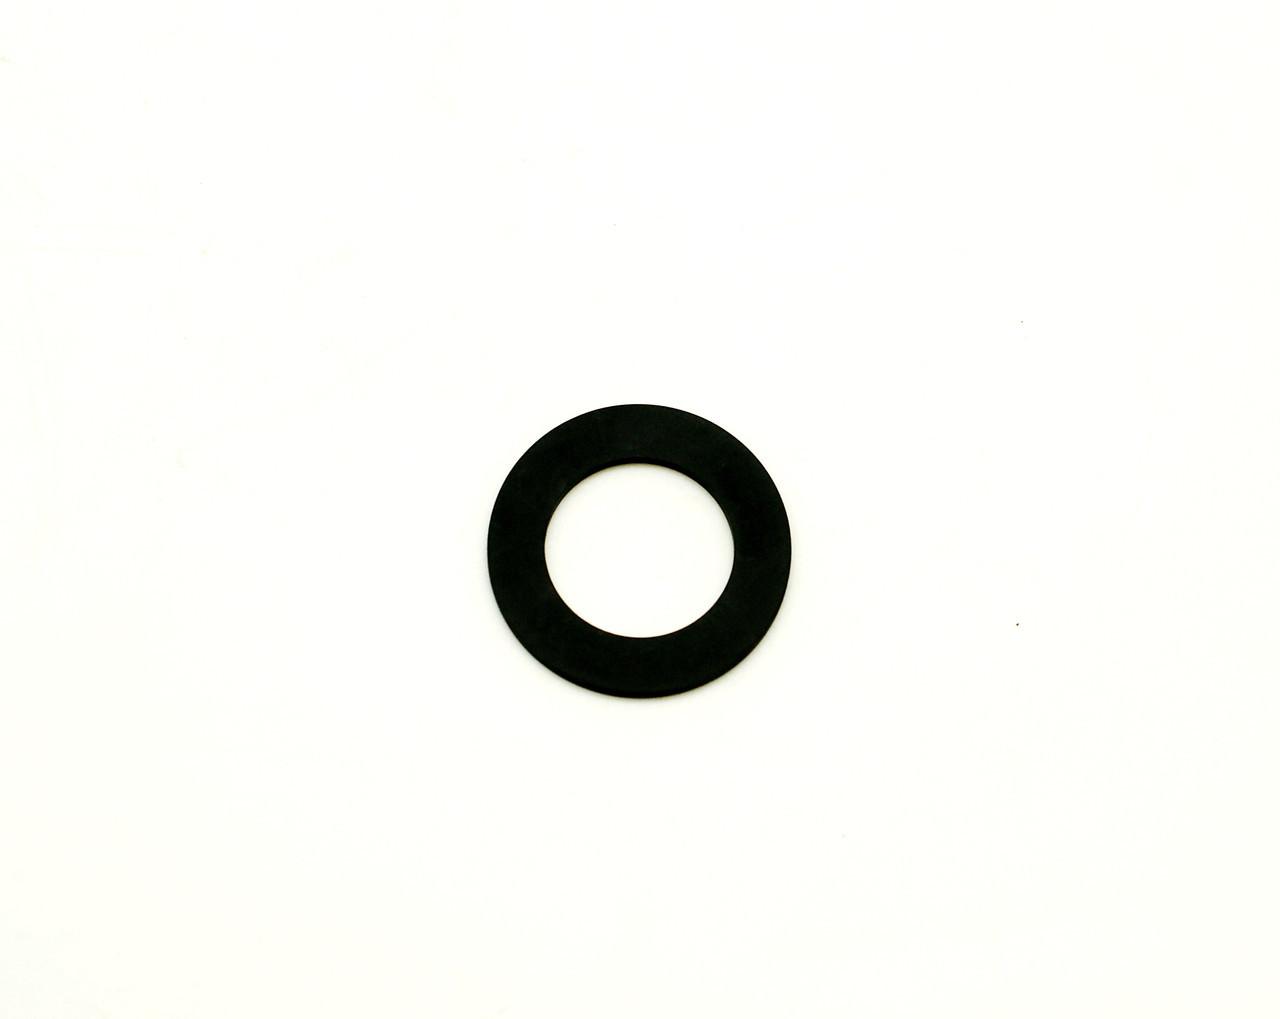 Кольцо уплотнительное крышки маслозаливной горловины Cummins X Series 4962610